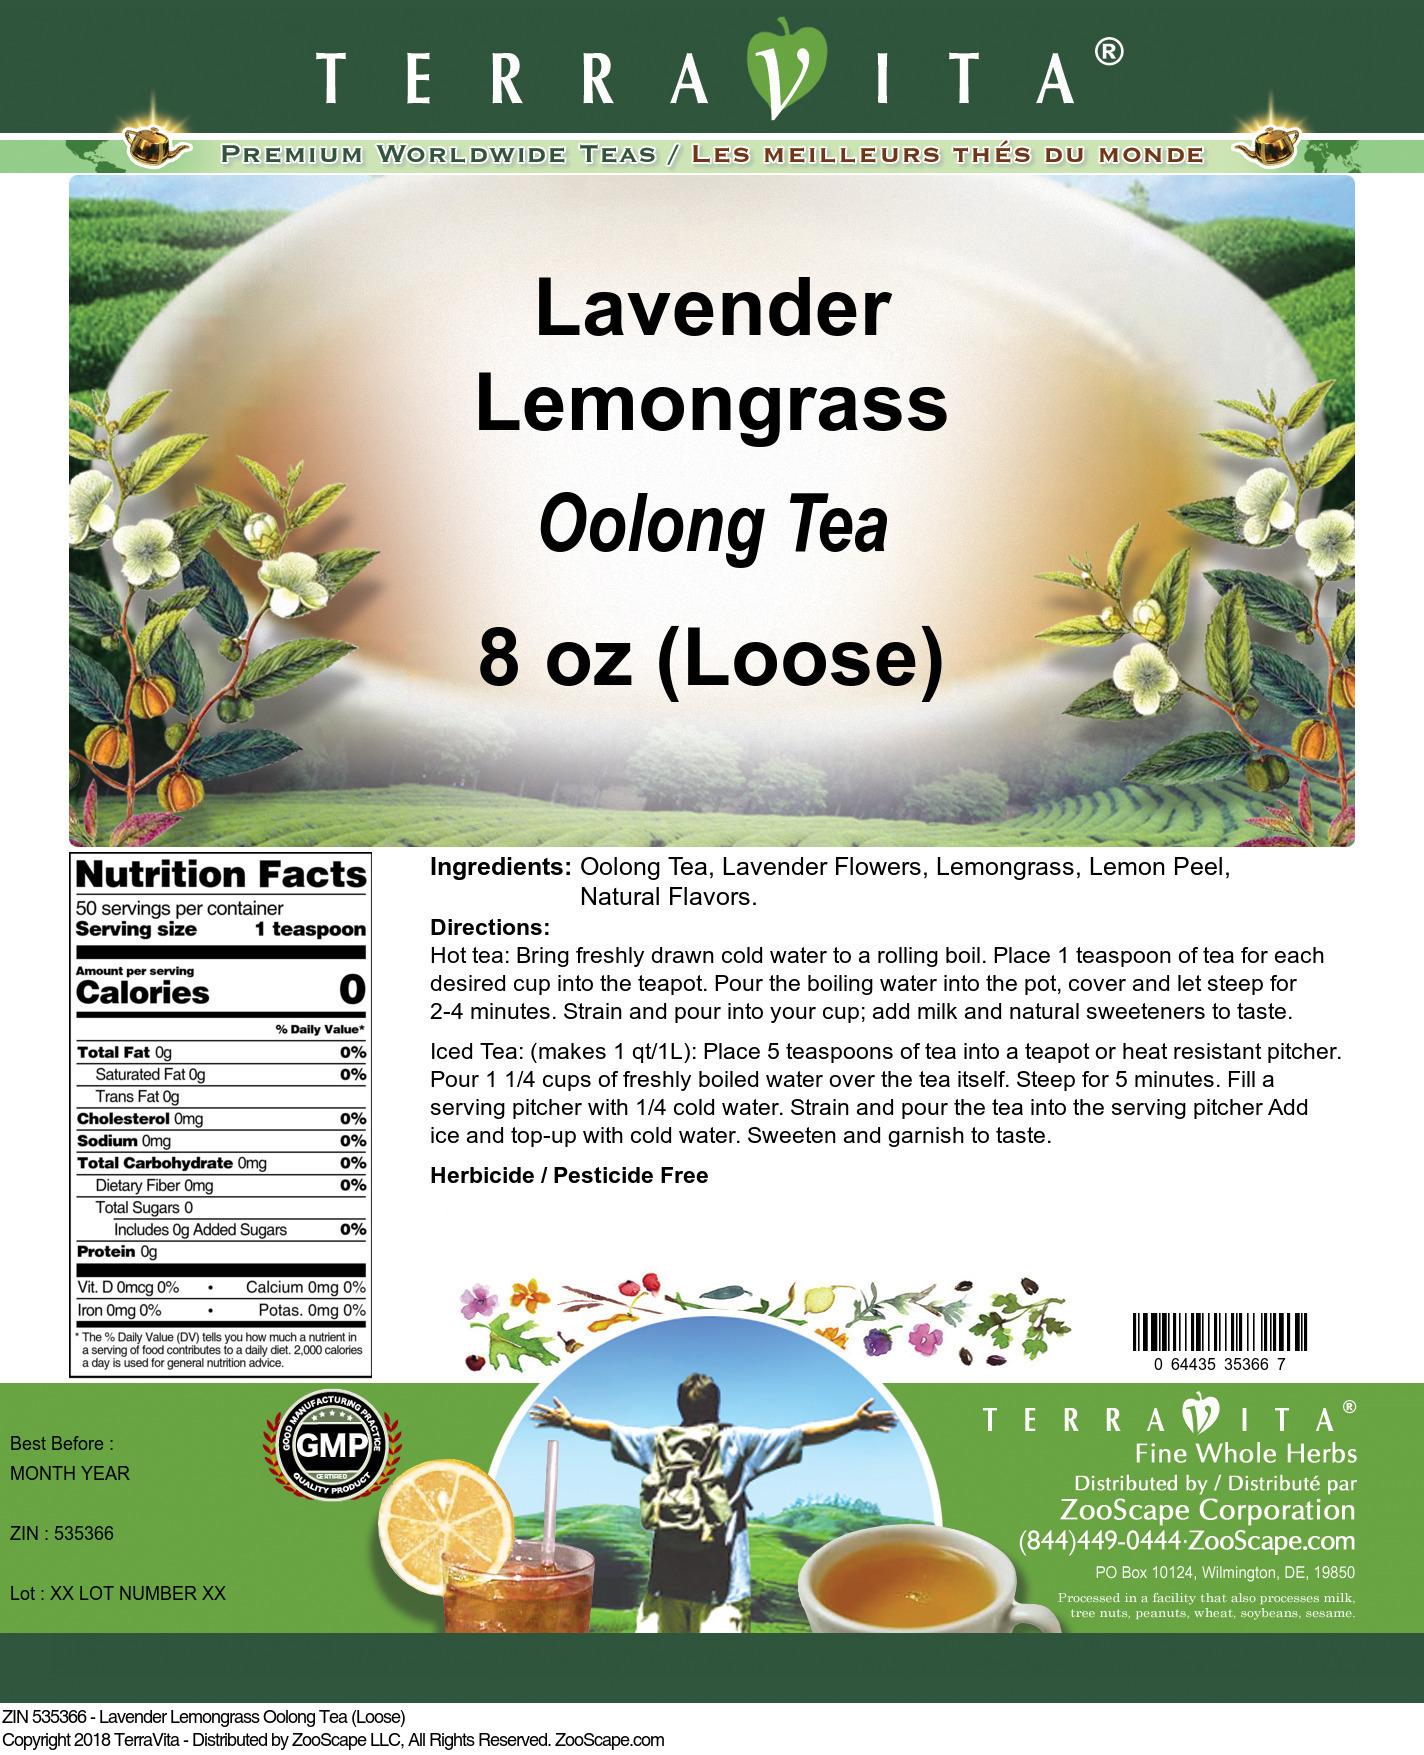 Lavender Lemongrass Oolong Tea